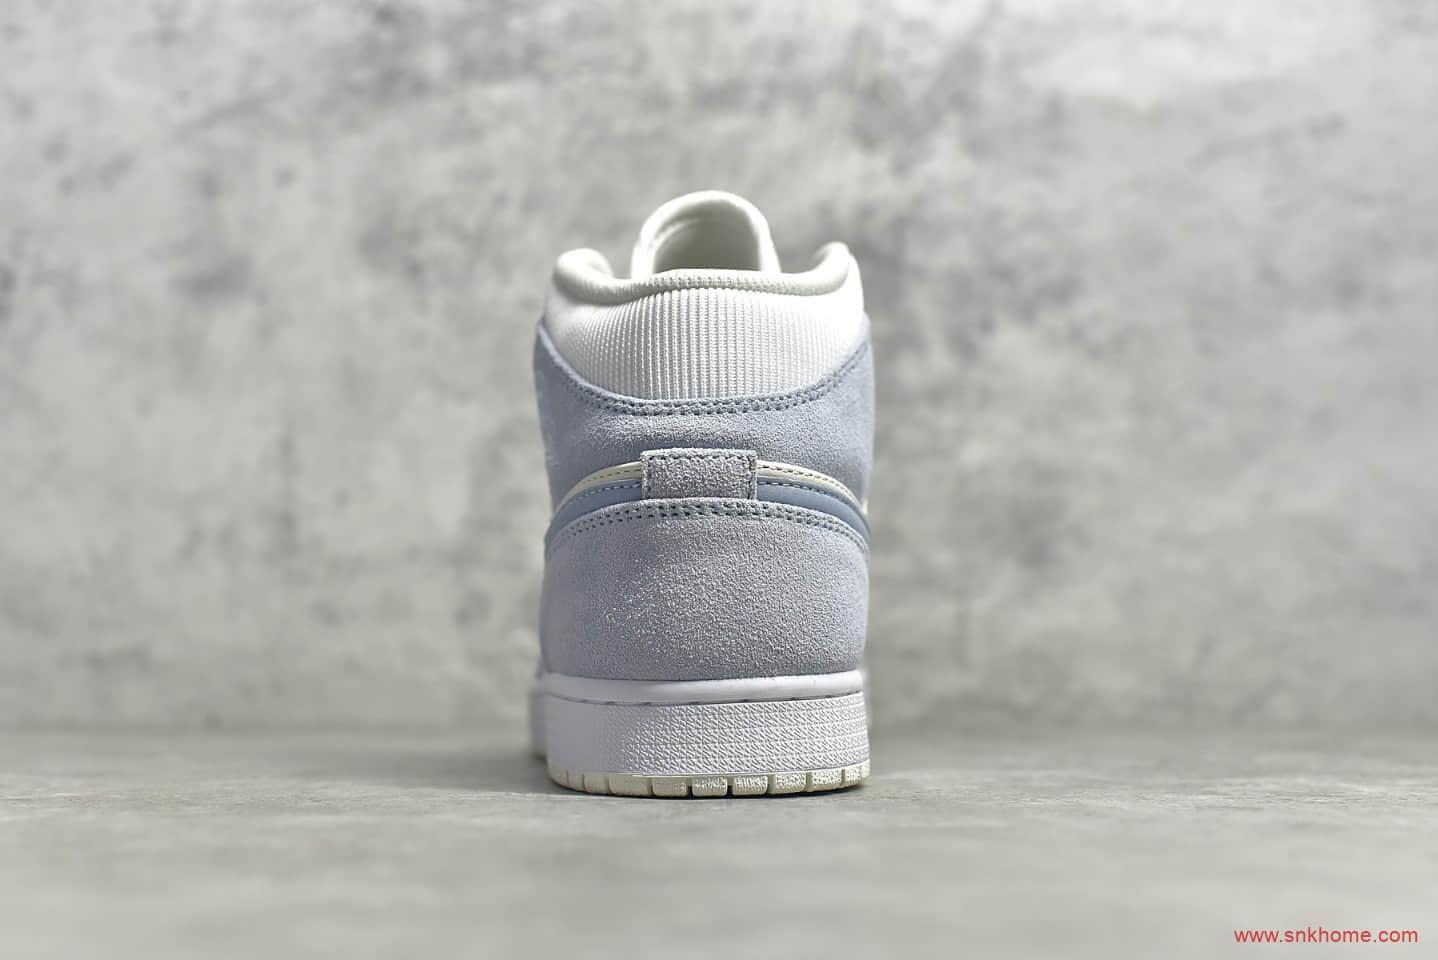 AJ1白色浅蓝中帮麂皮 Air Jordan 1 MiD 莆田AJ1复刻白蓝麂皮纯原版本 货号:DA4666-100-潮流者之家